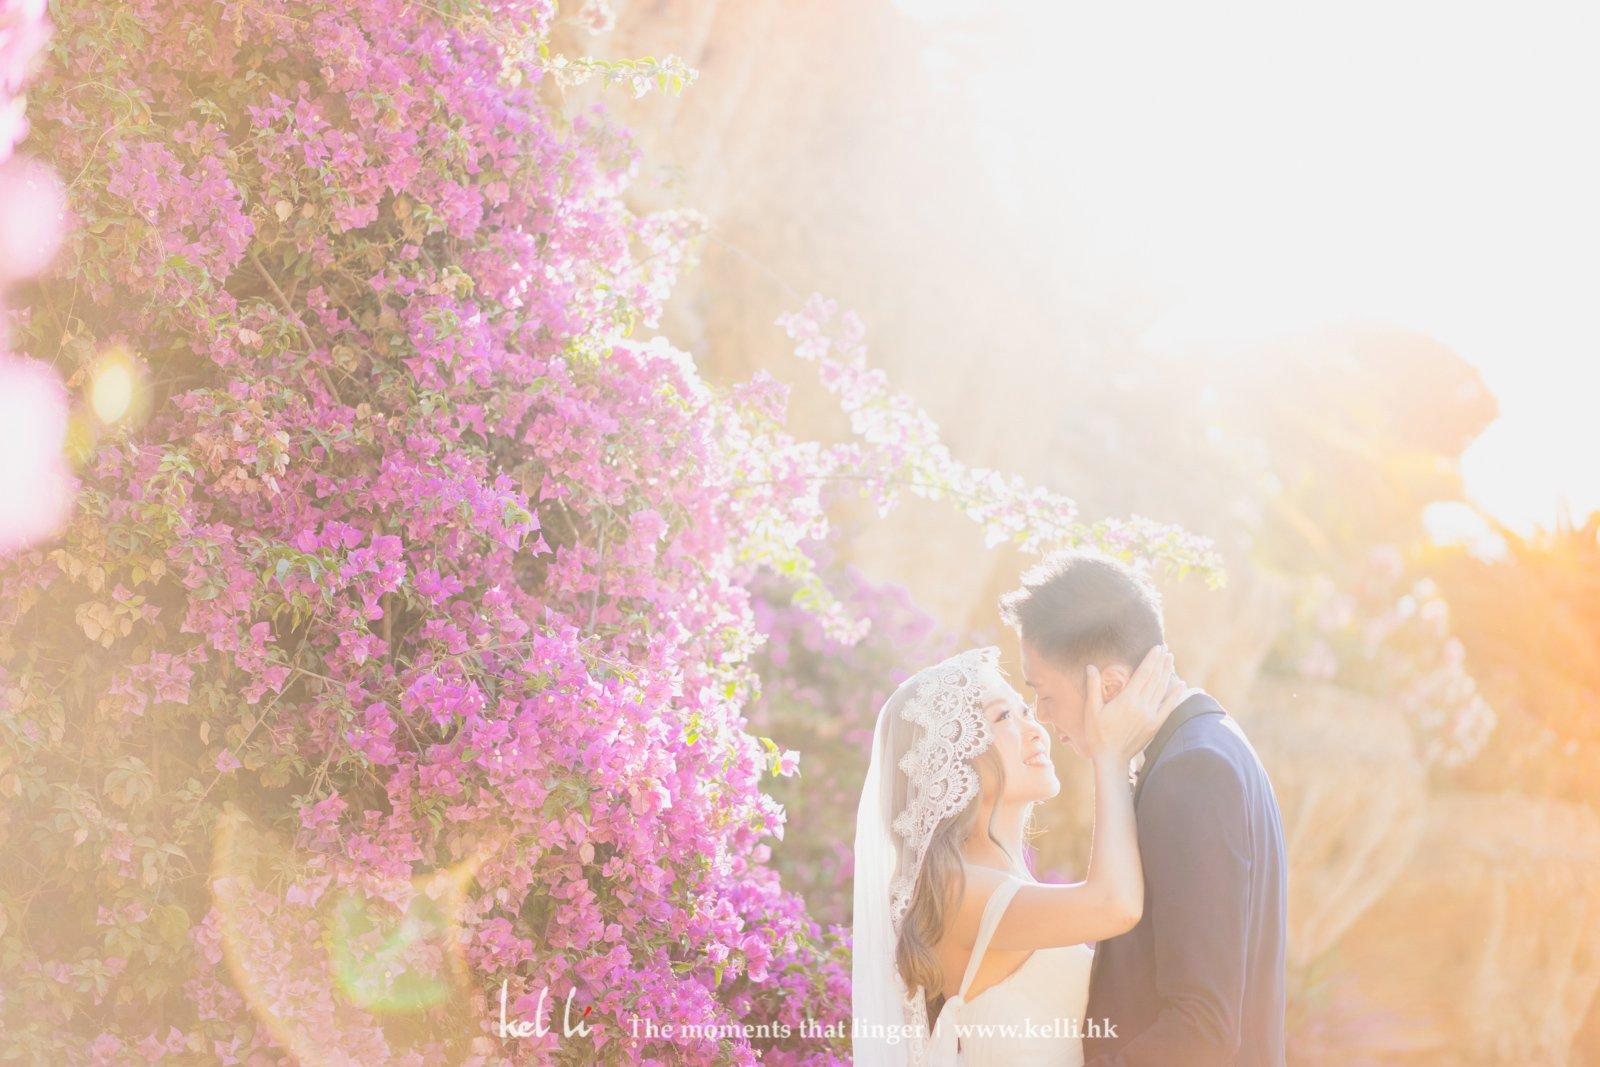 沒有宏偉的建築,但卻是一張美麗而富有情感的婚紗照